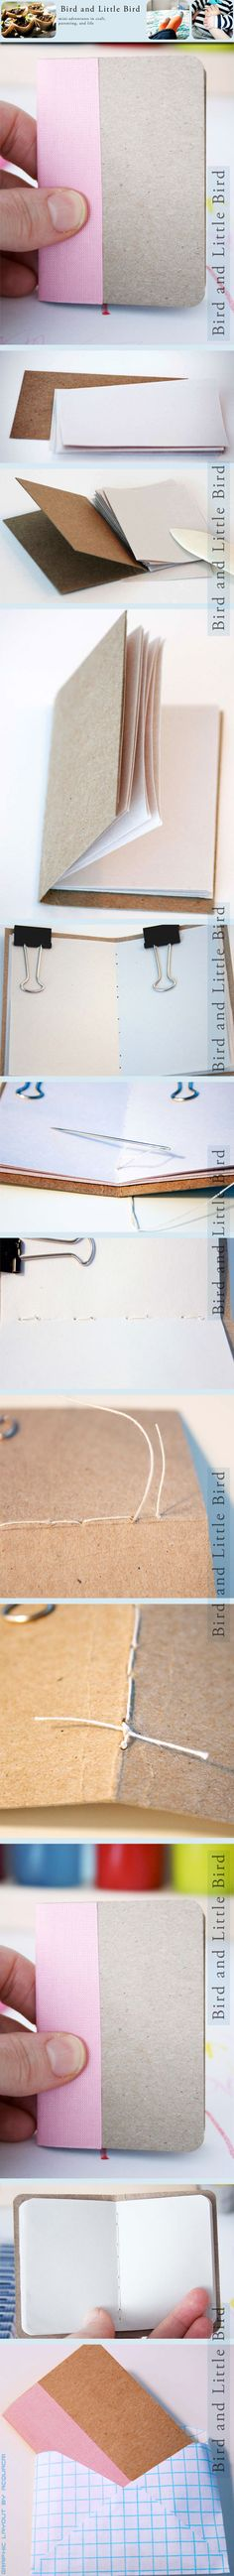 mini-book center stitched   mini libro cucito in centro   #DIY #tutorial #howtomake #faidate #comefarea